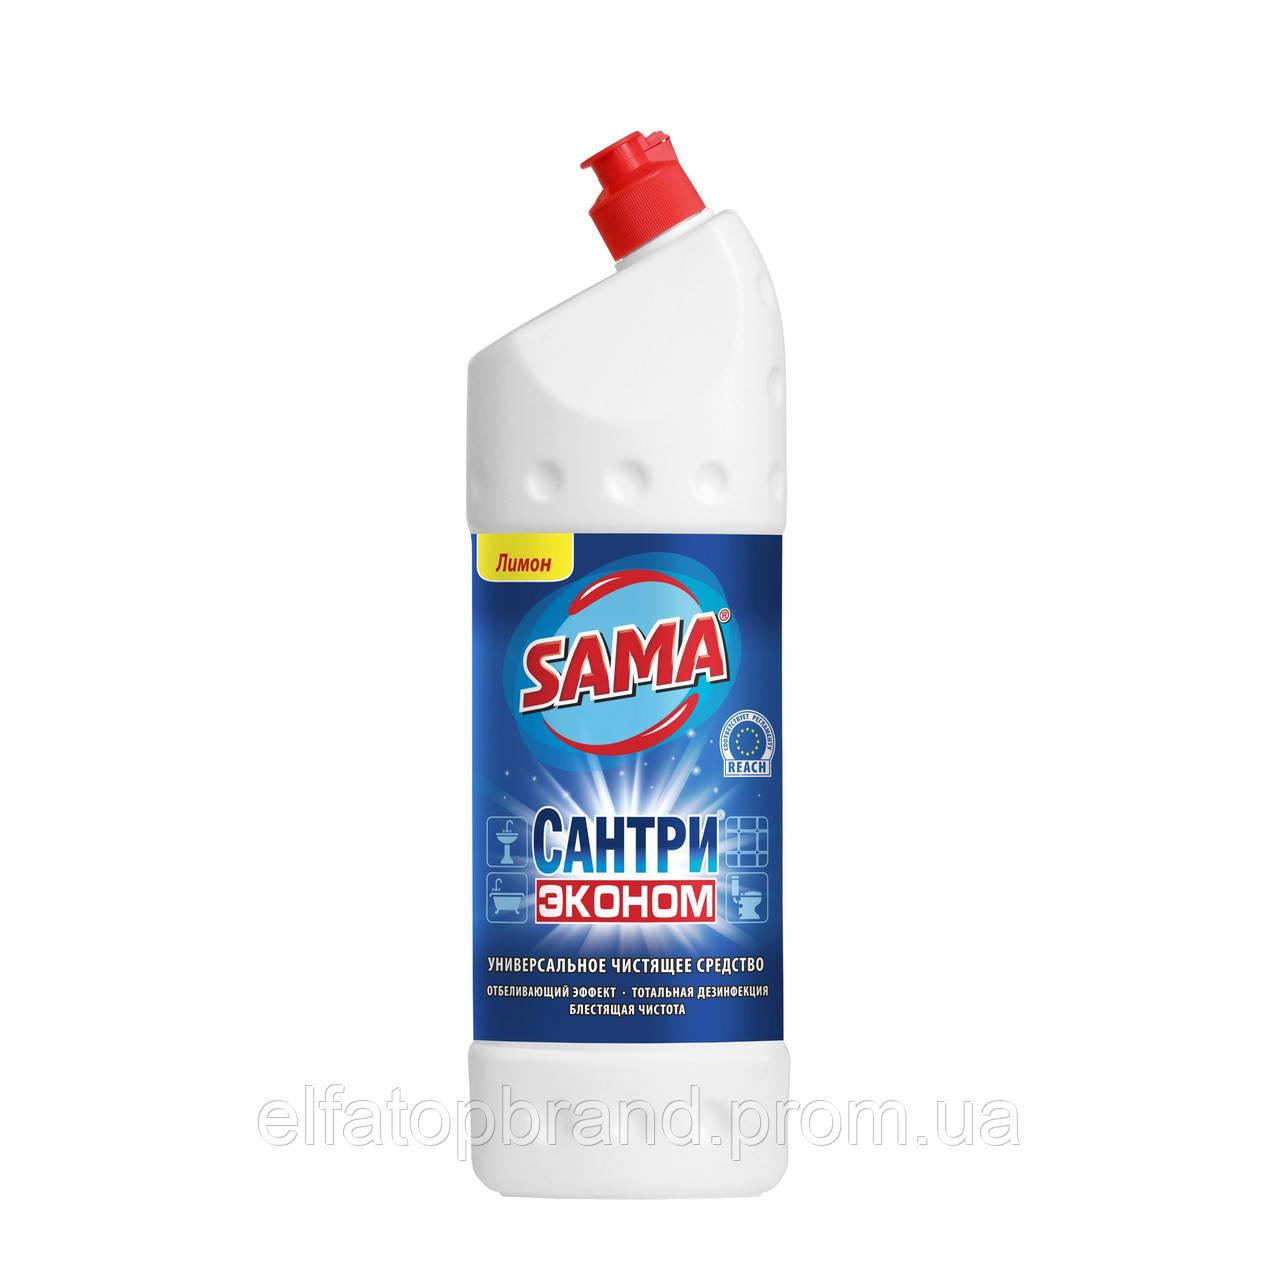 Универсальное Чистящее Средство От Бактерий Плесени Сантри Эконом Лимон САМА1000мл